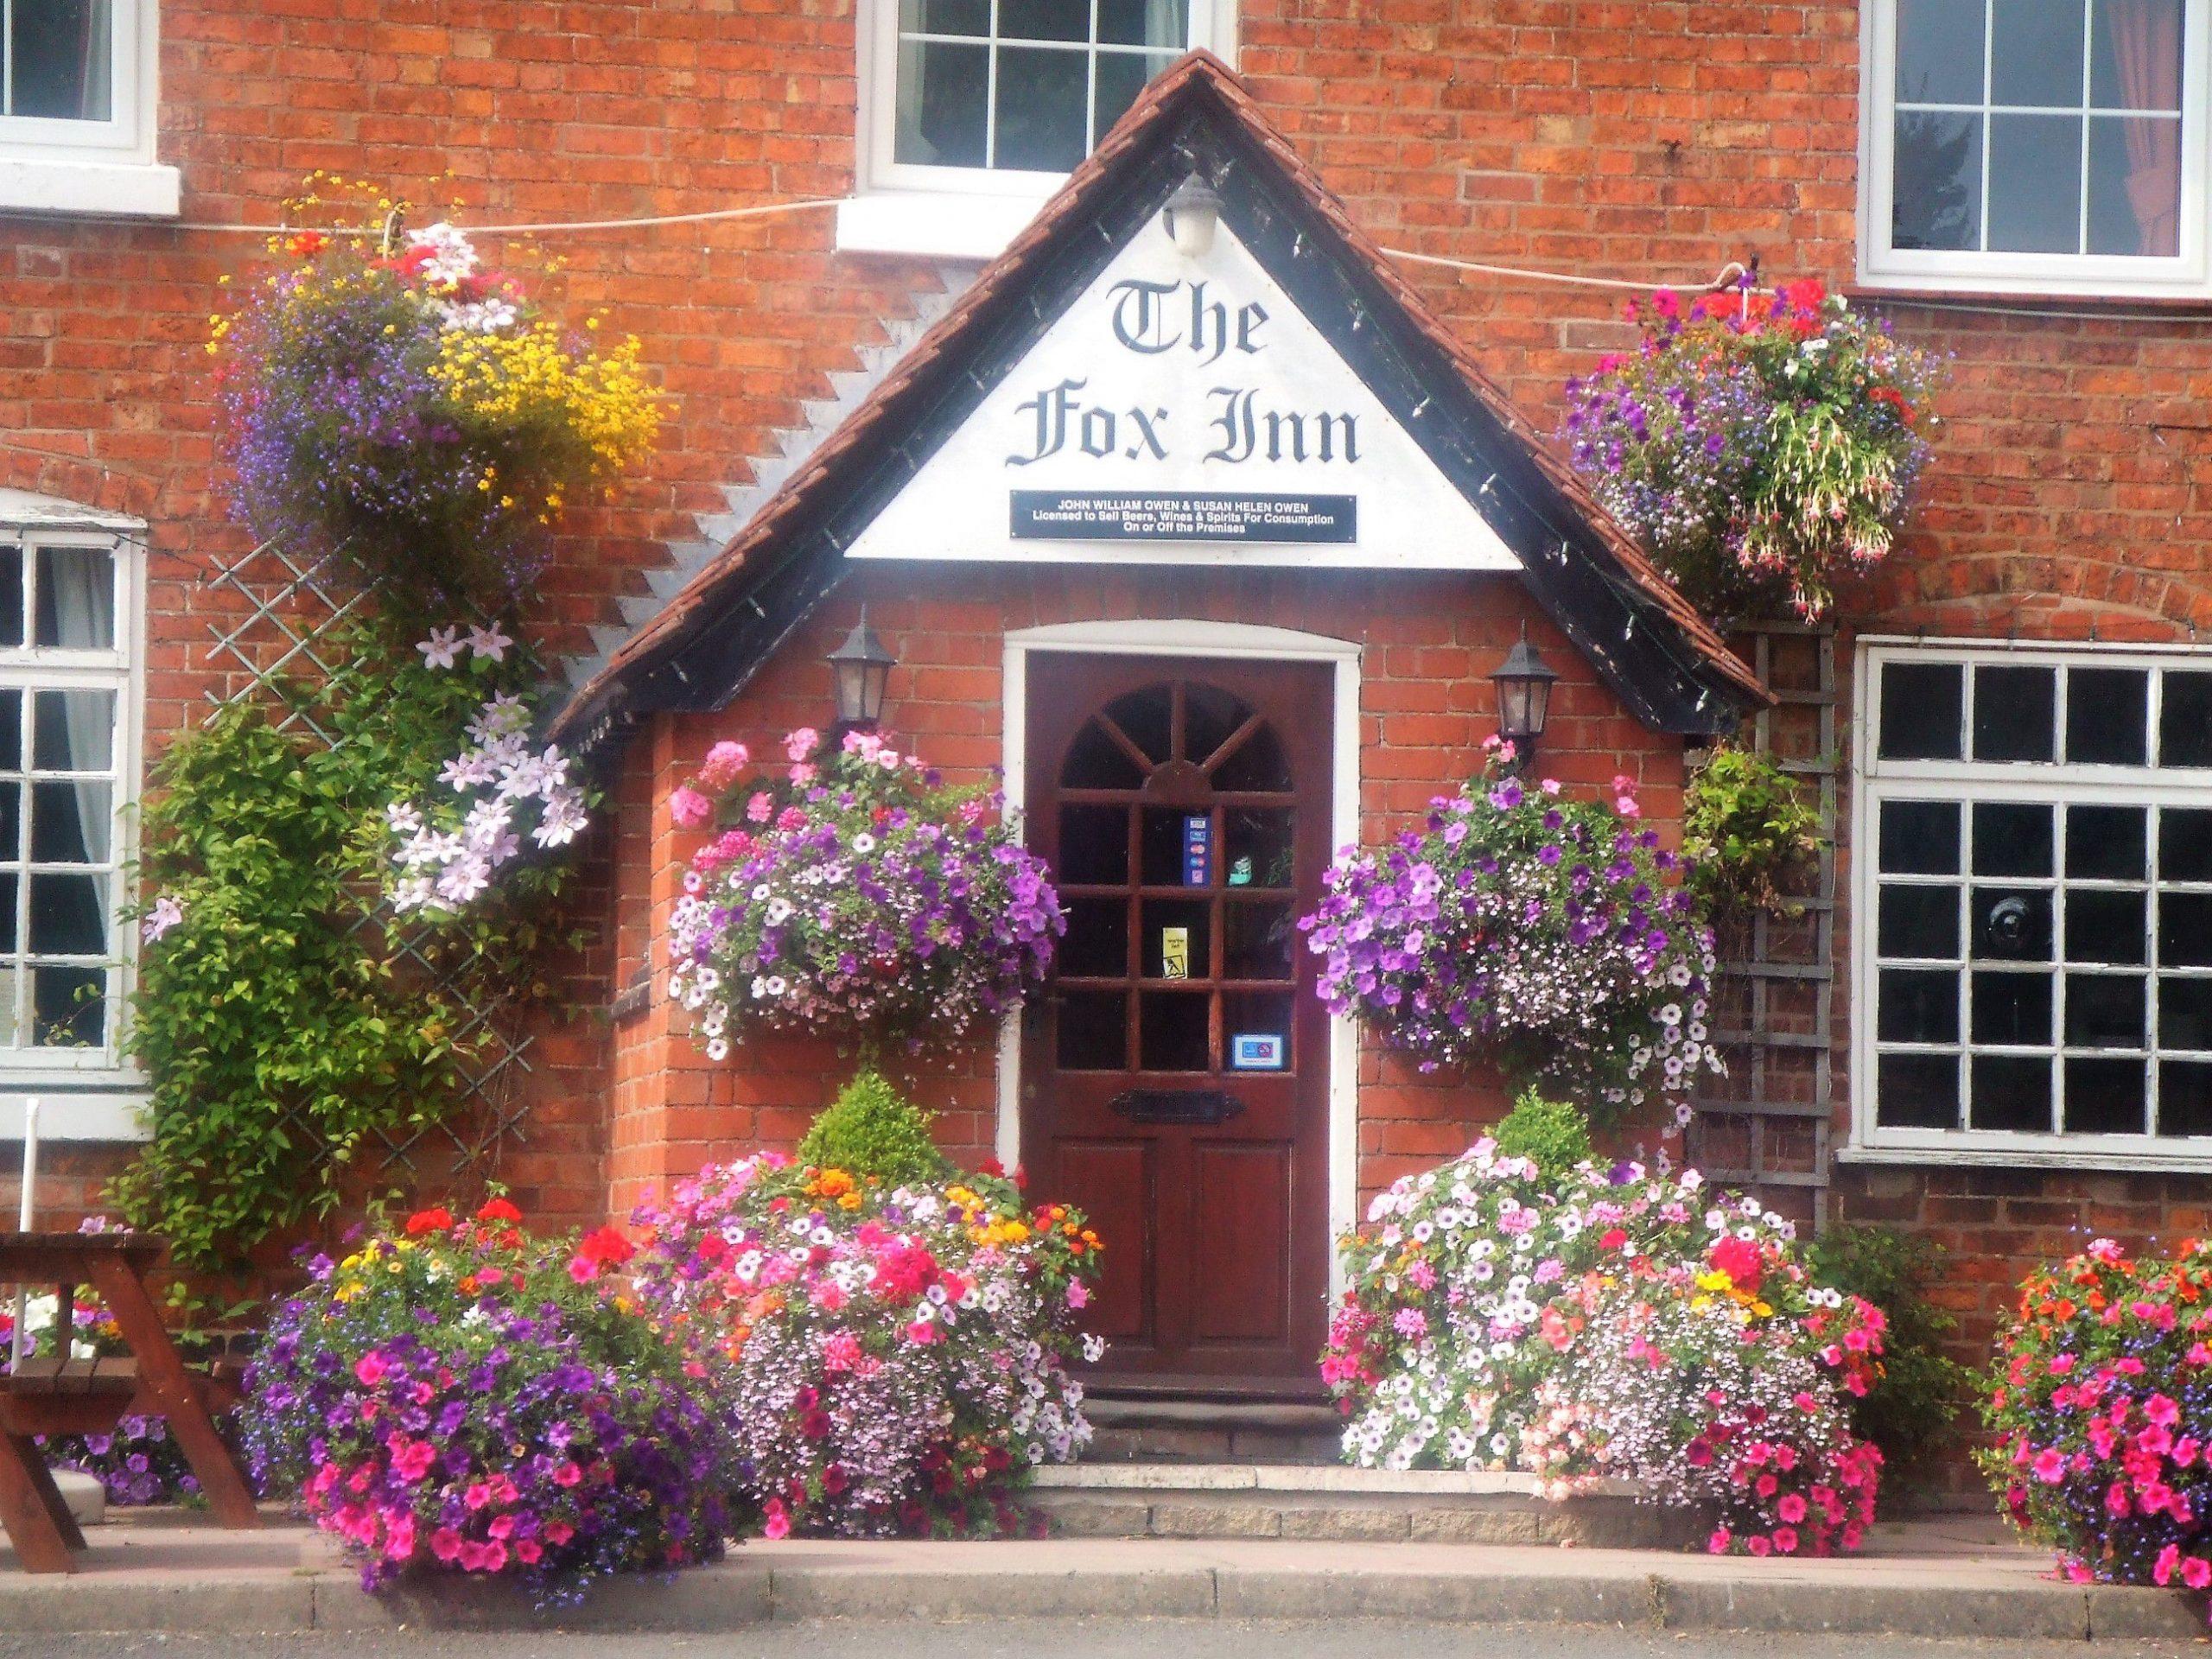 The Fox Inn, Ryton